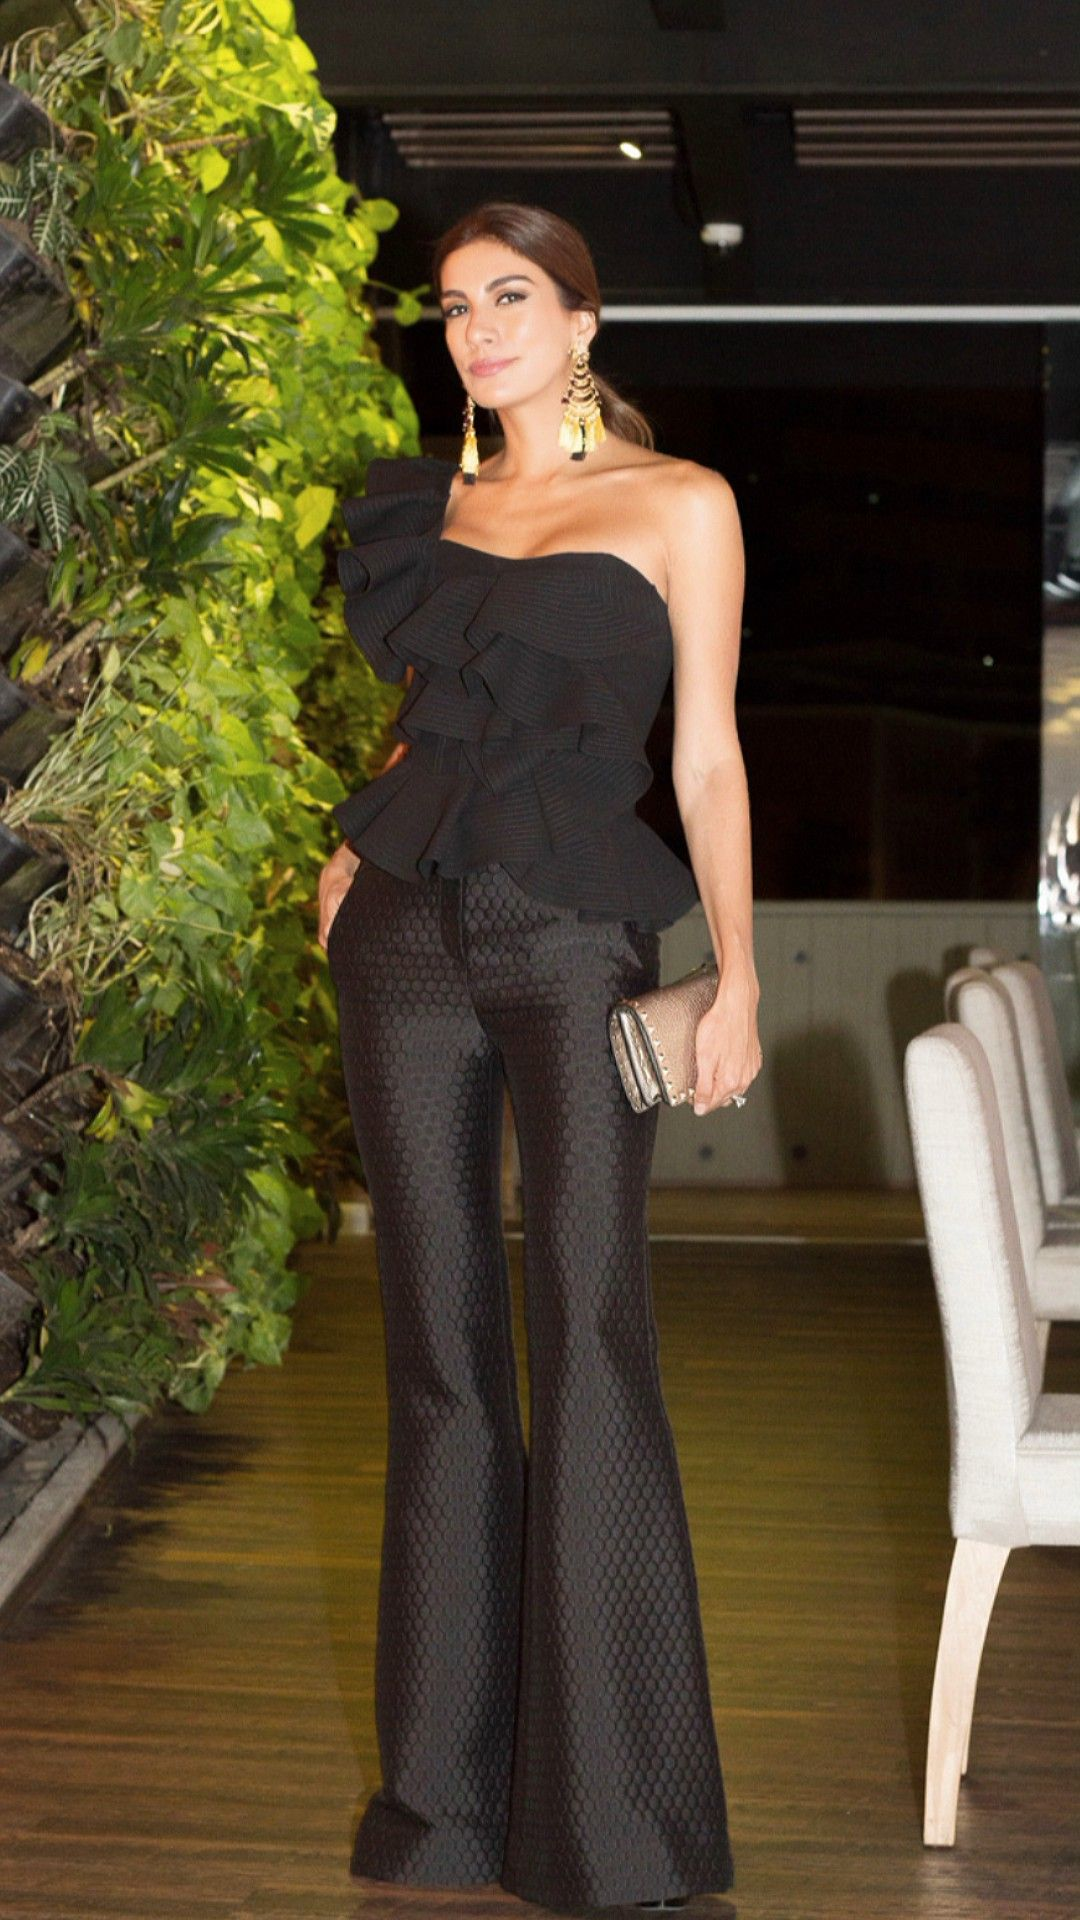 Andrea Serna En 2019 Ropa Mujer Elegante Prendas